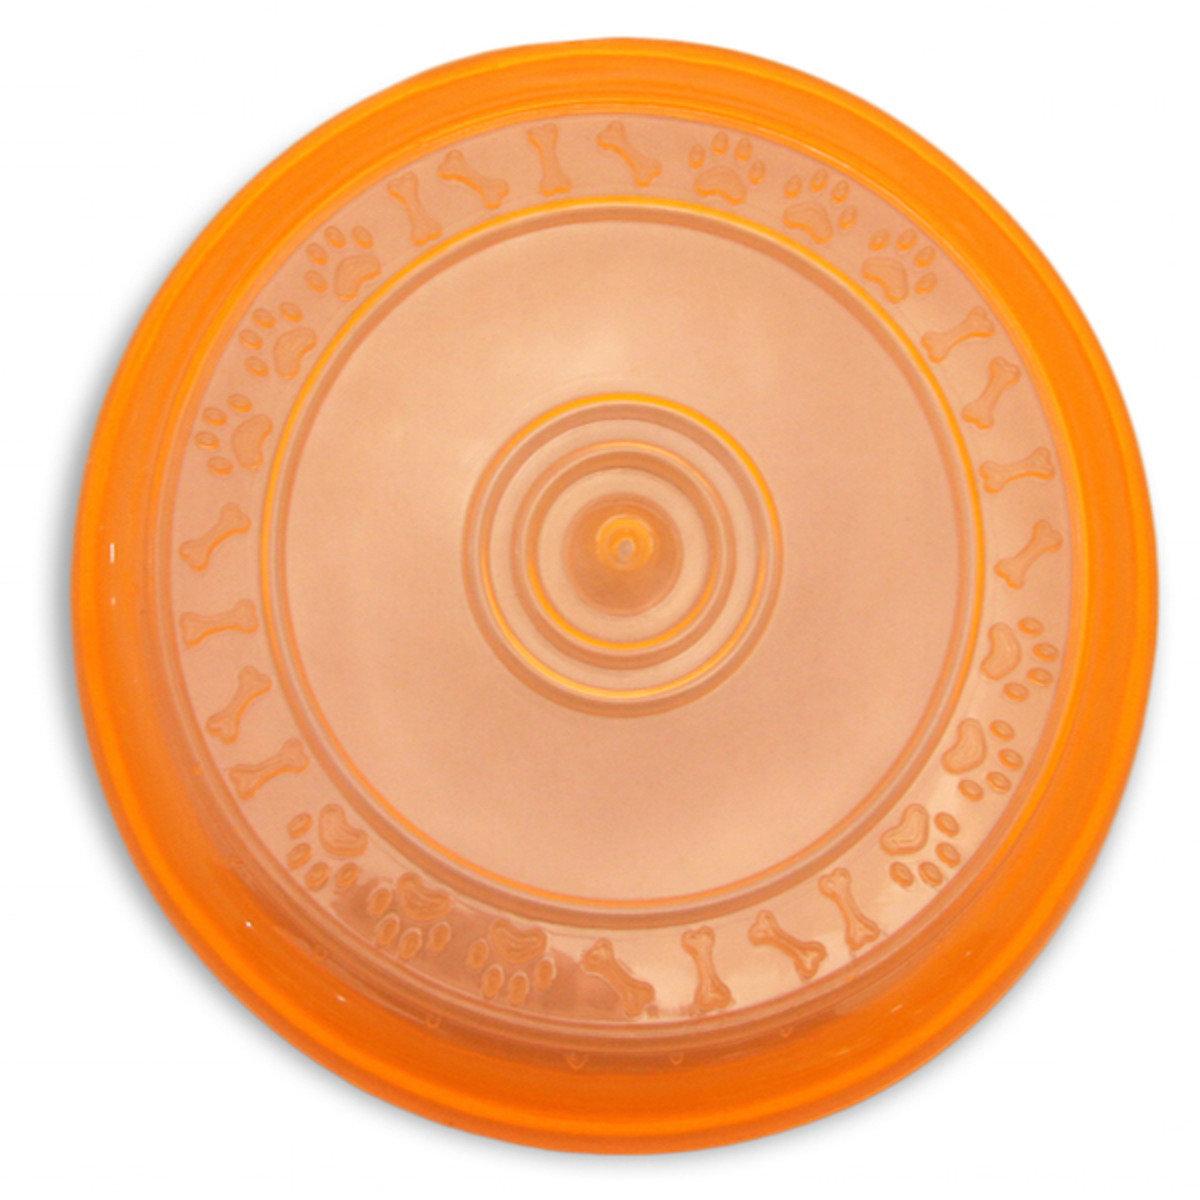 寵物訓練飛盤(橙色)